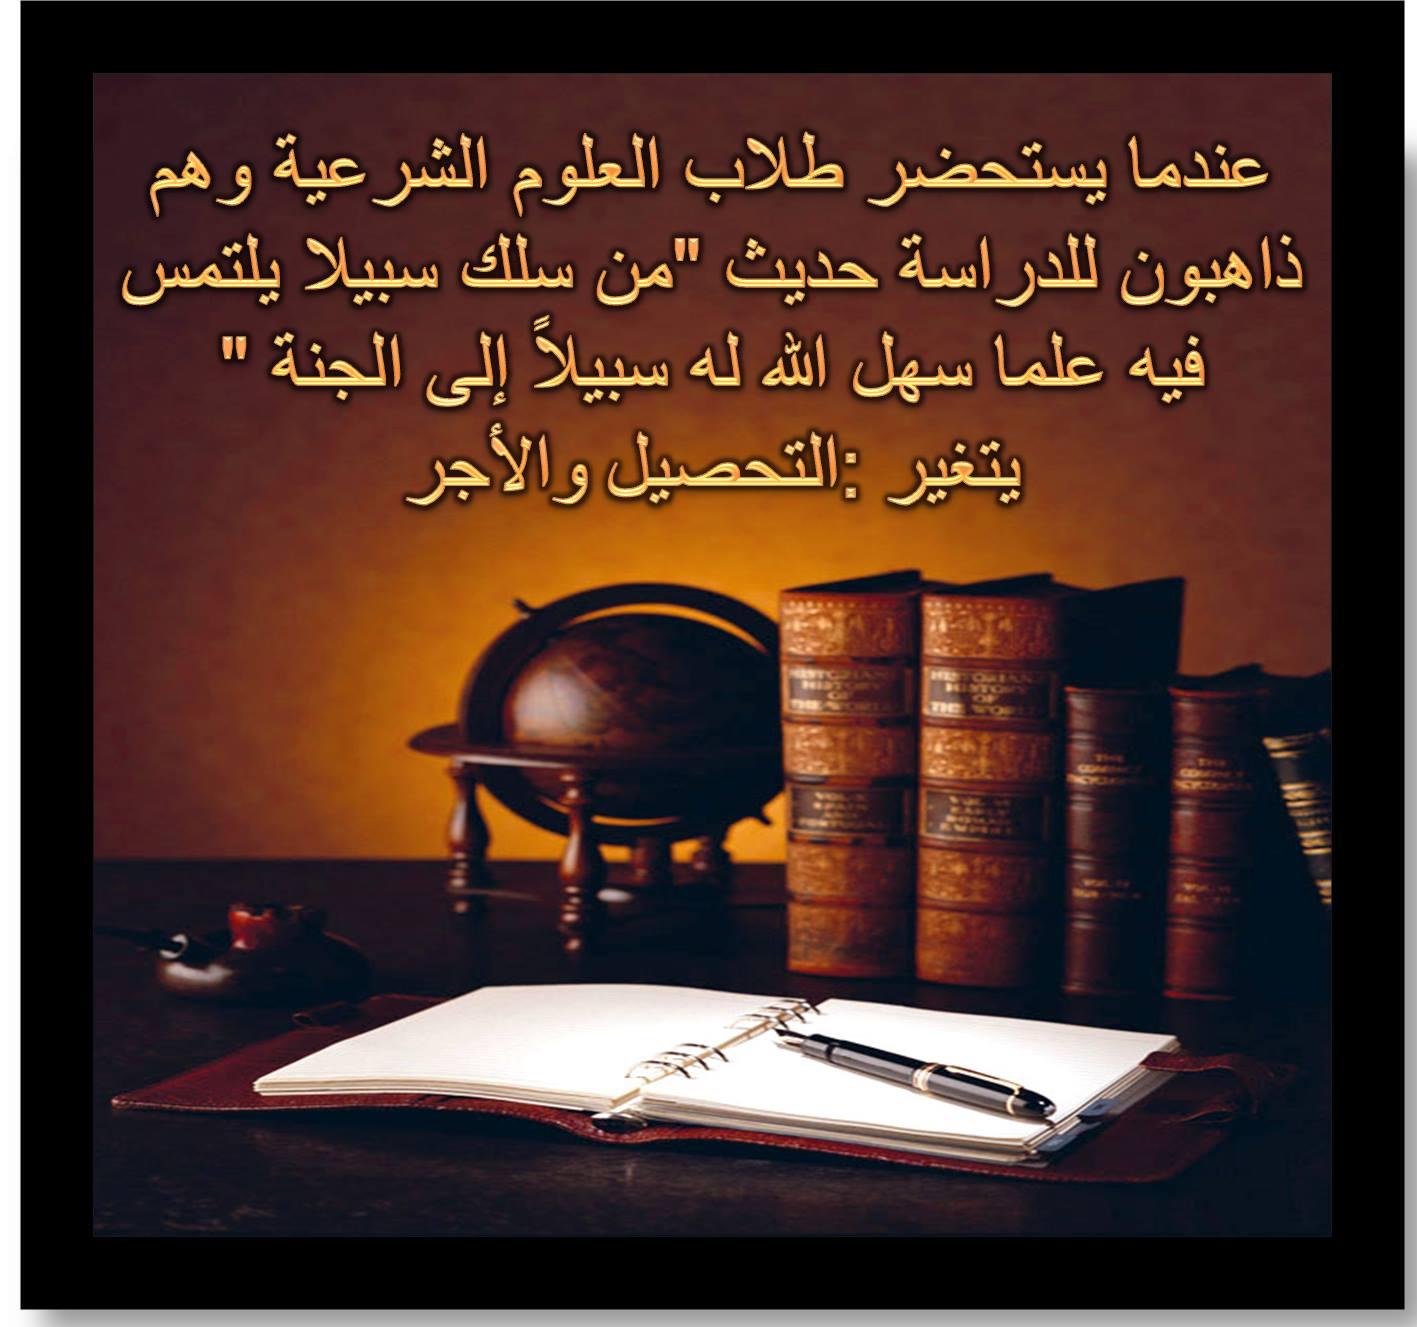 بالصور حالات واتس اب دينيه , اجمل الحالات الاسلامية للواتس اب 3124 7